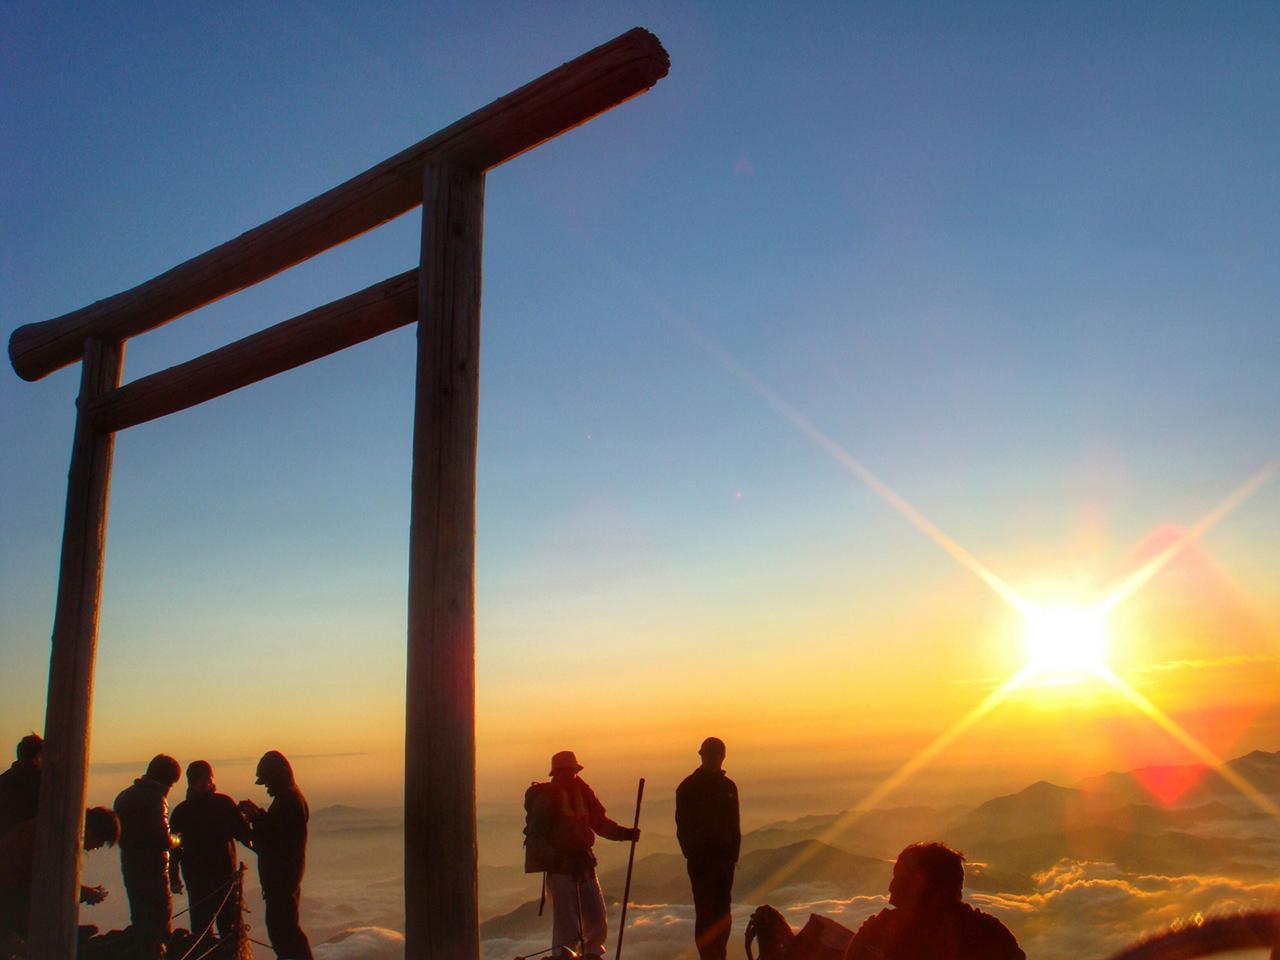 ภูเขาไฟฟูจิ (Mt. Fuji) ภูเขา ที่มีชื่อเสียงที่สุดใน ญี่ปุ่น